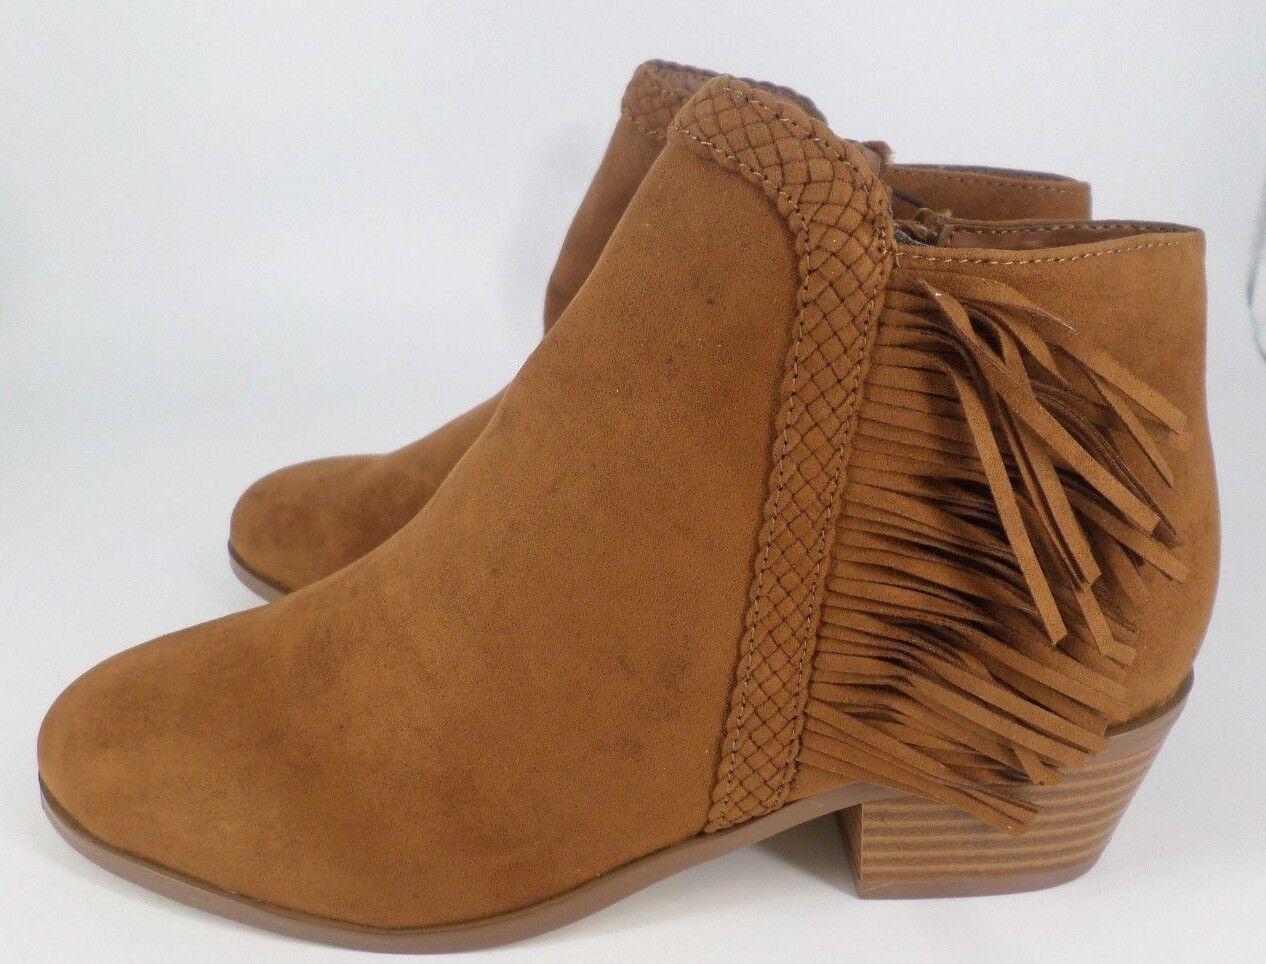 ROT Herring Suede Tassel Ankle Stiefel EU Tan Größe UK 4 EU Stiefel 37 NH086 CC 10 4c2a64